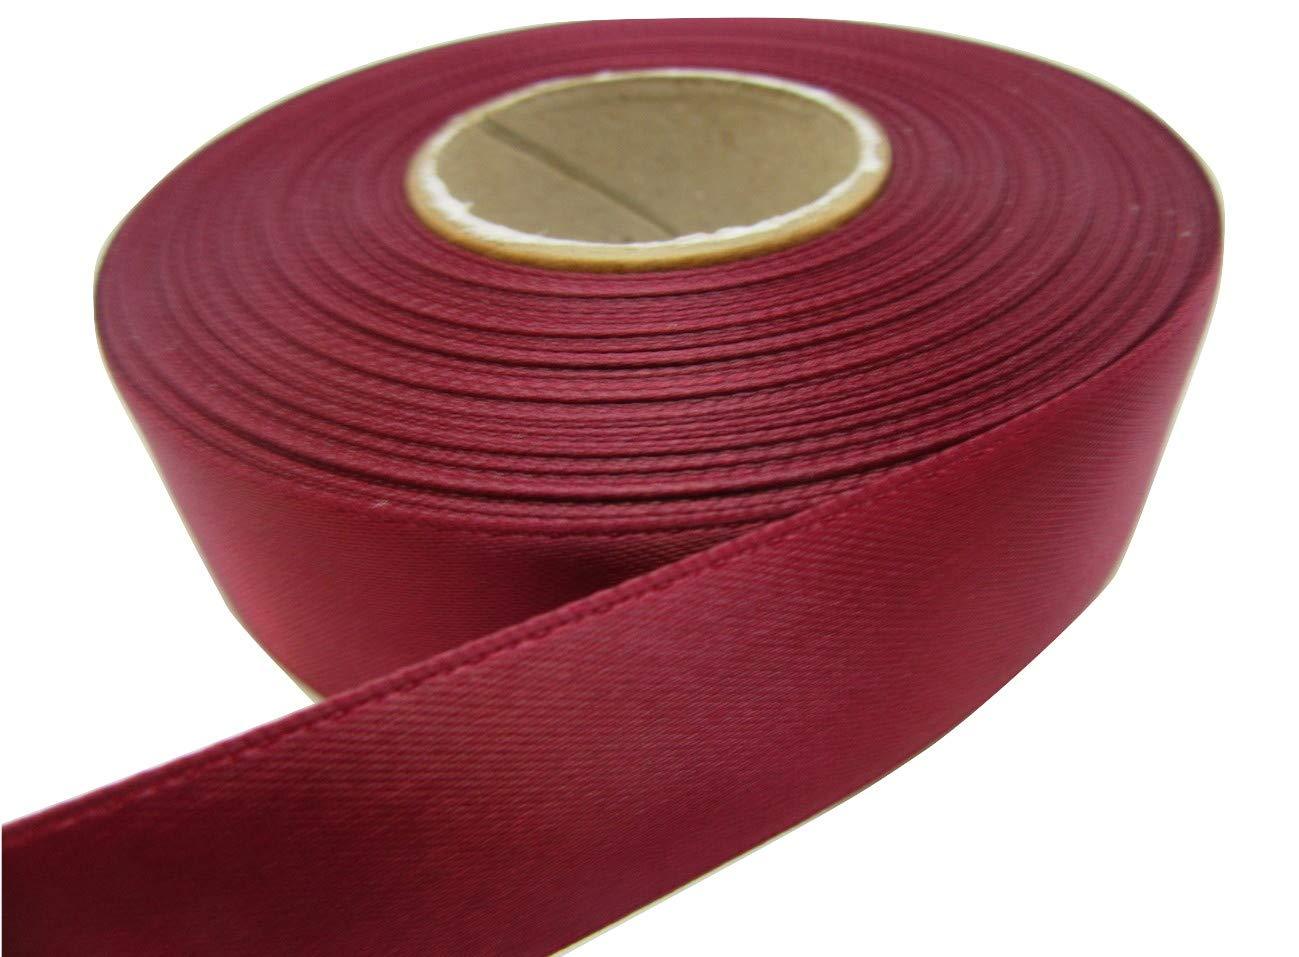 2 metri di nastro di raso 25 millimetri bordeaux a doppio lato 25mm 25 mm Beautiful Ribbon